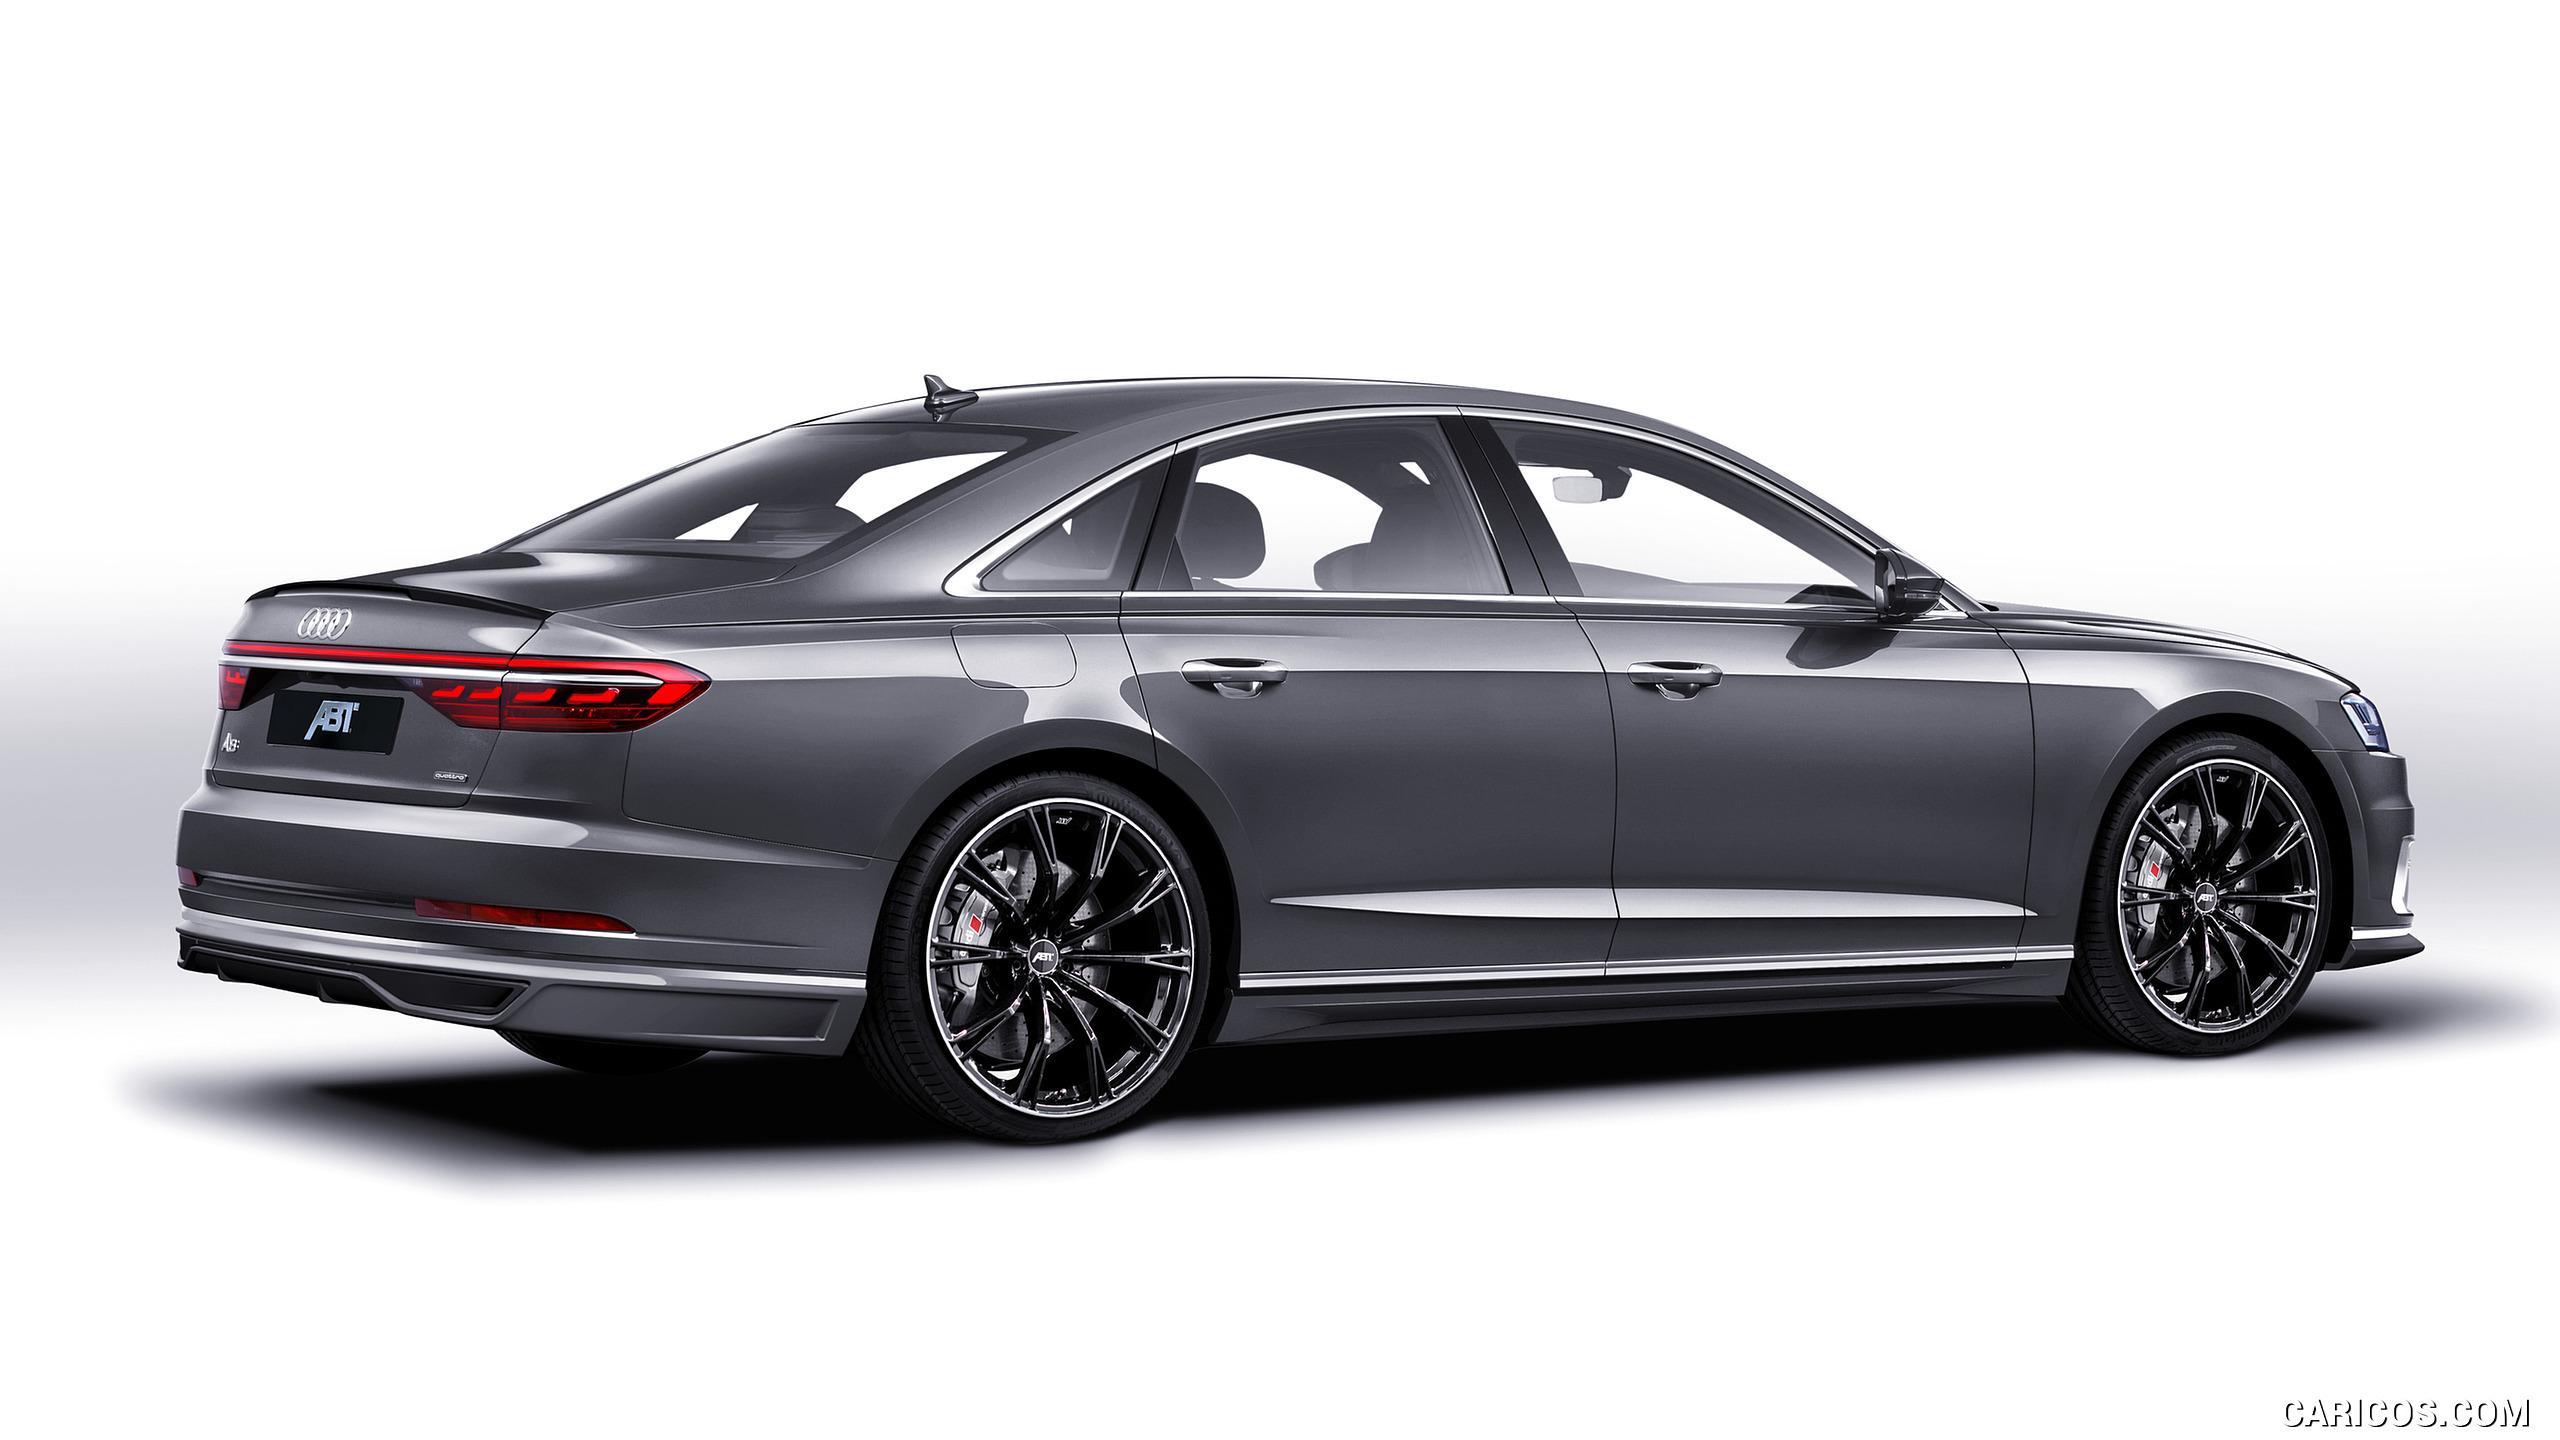 Audi ABT A8